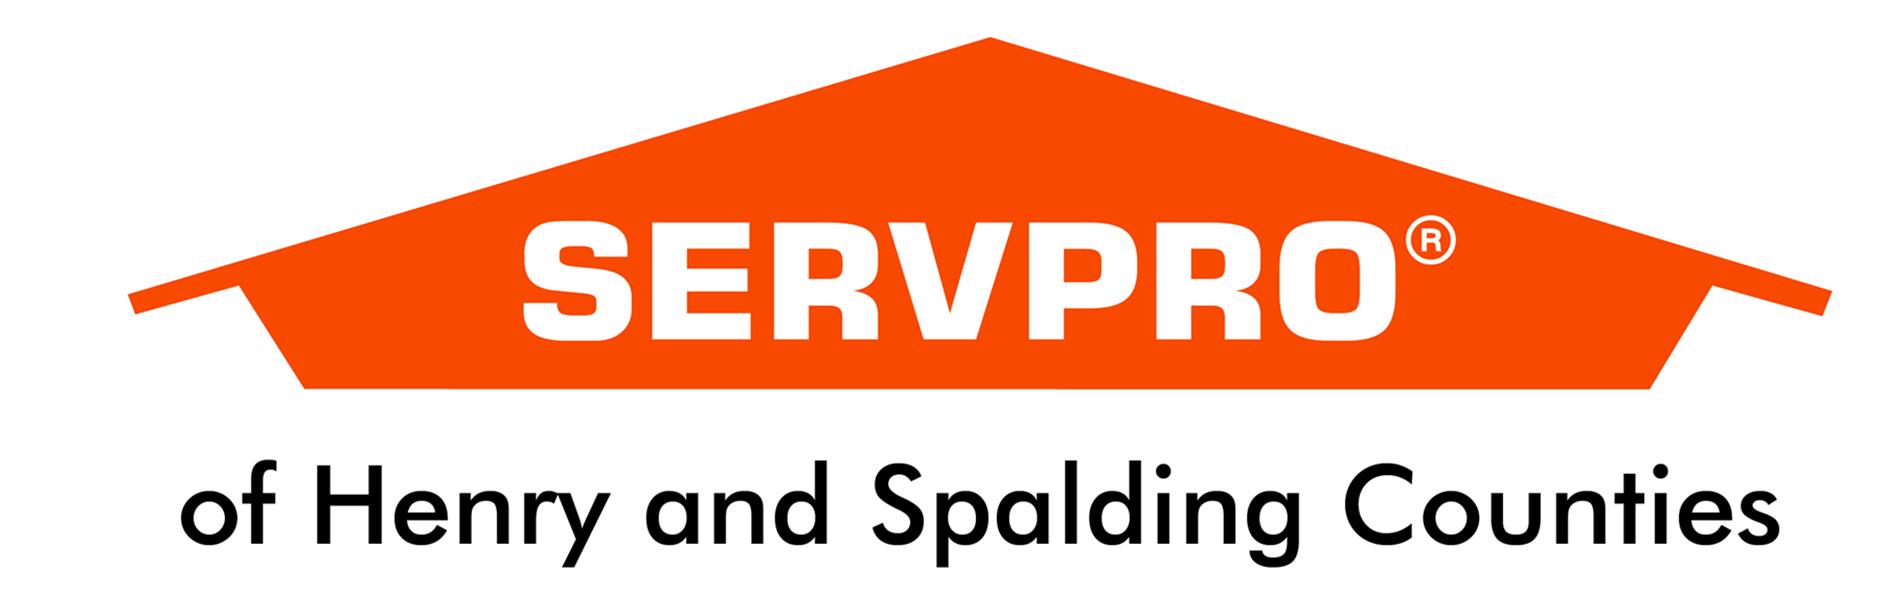 SERVPRO-H_S-logo-hi-res-cropped.png